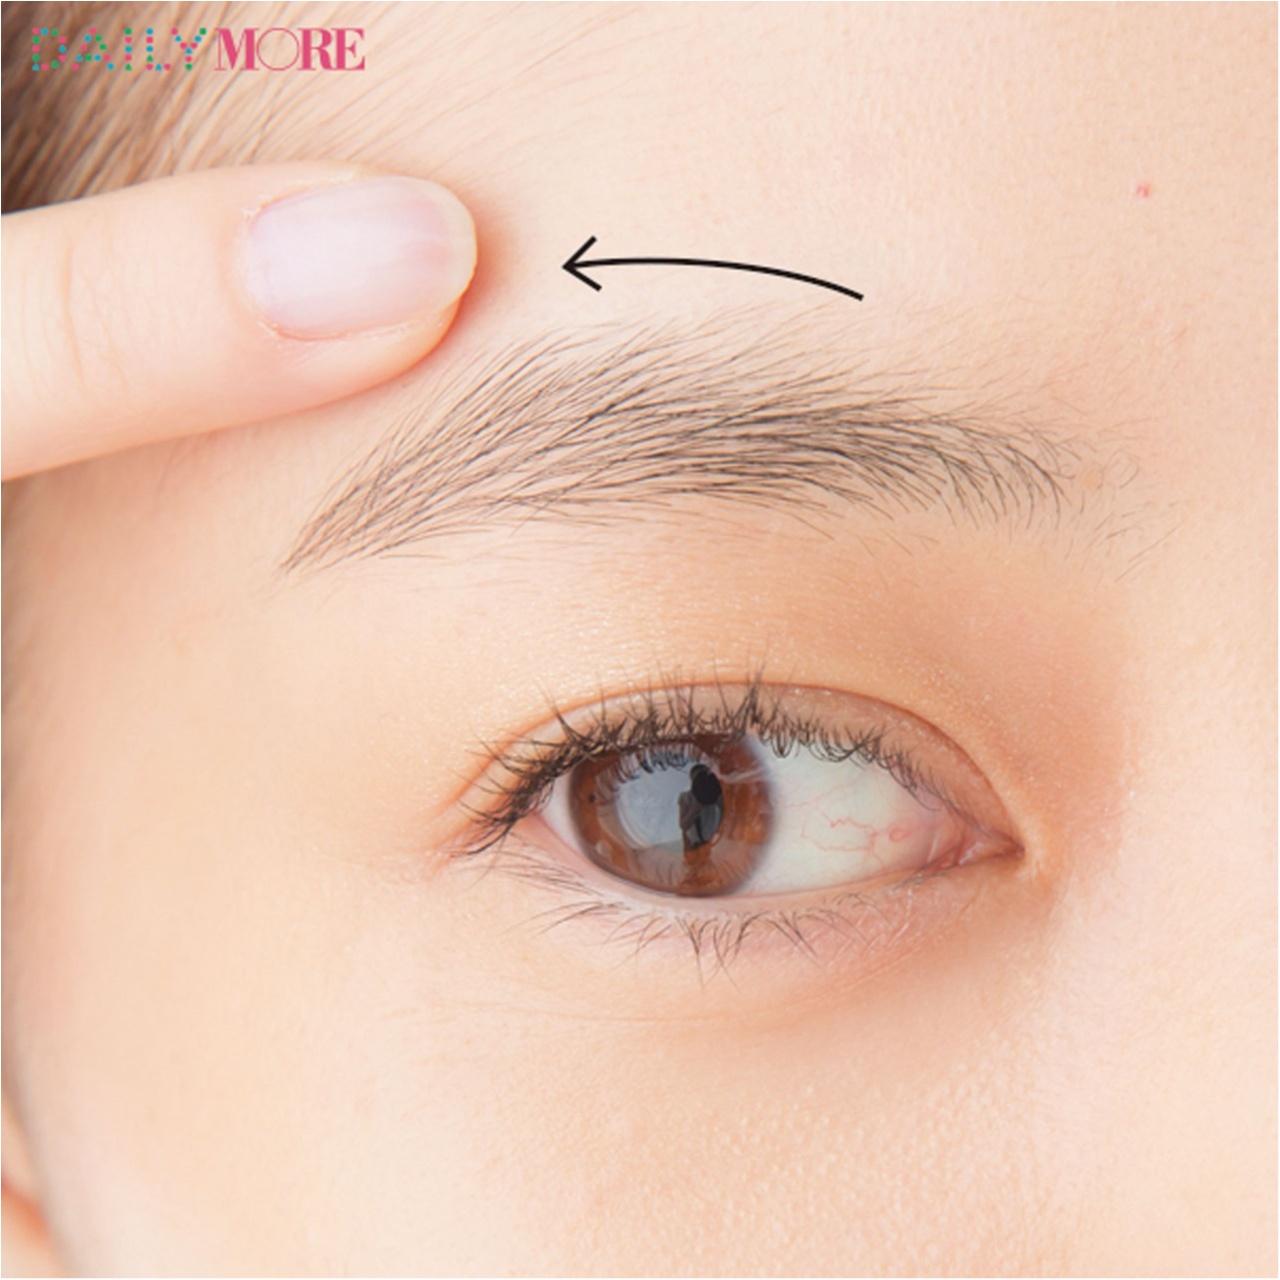 平行眉メイク特集 - 眉毛の形の整え方、描き方のポイントまとめ_2